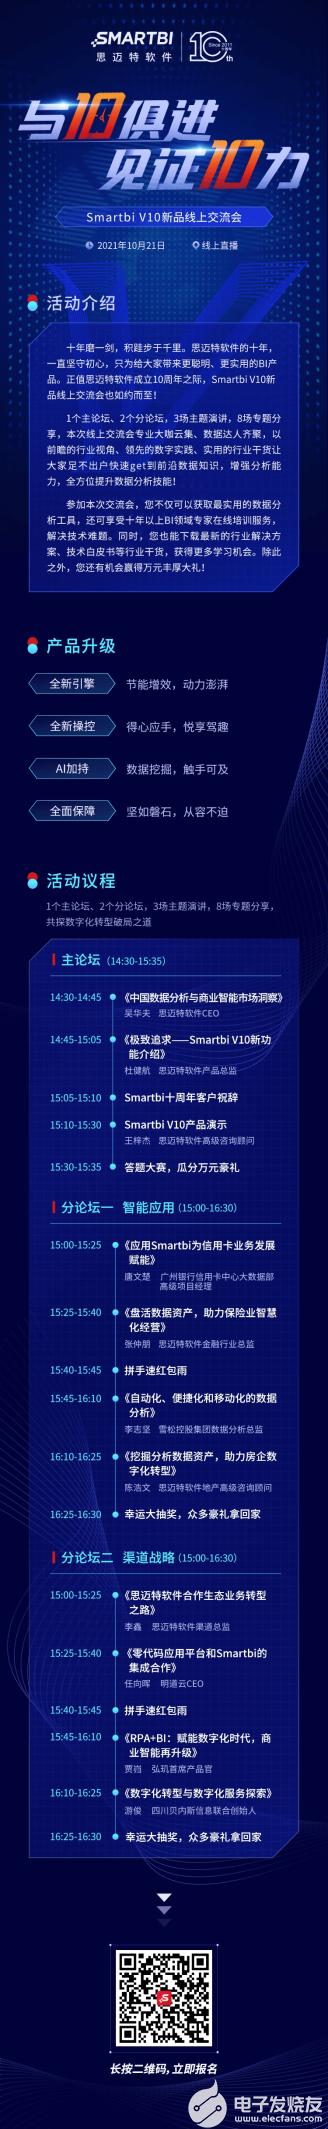 10月21日,SmartbiV10新品交流会,诚邀您的参与